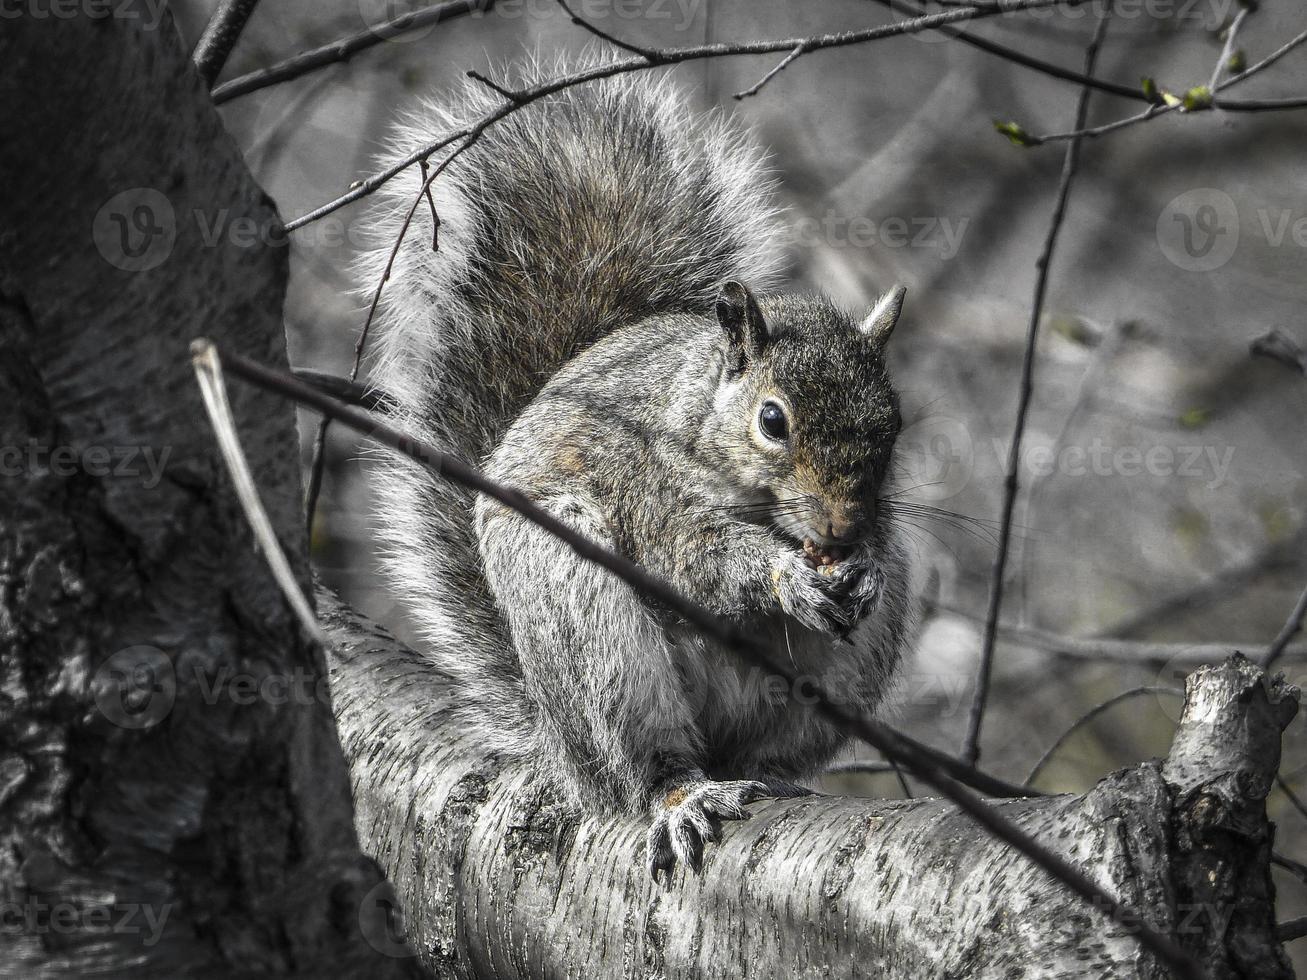 écureuil dans central park - new-york city photo